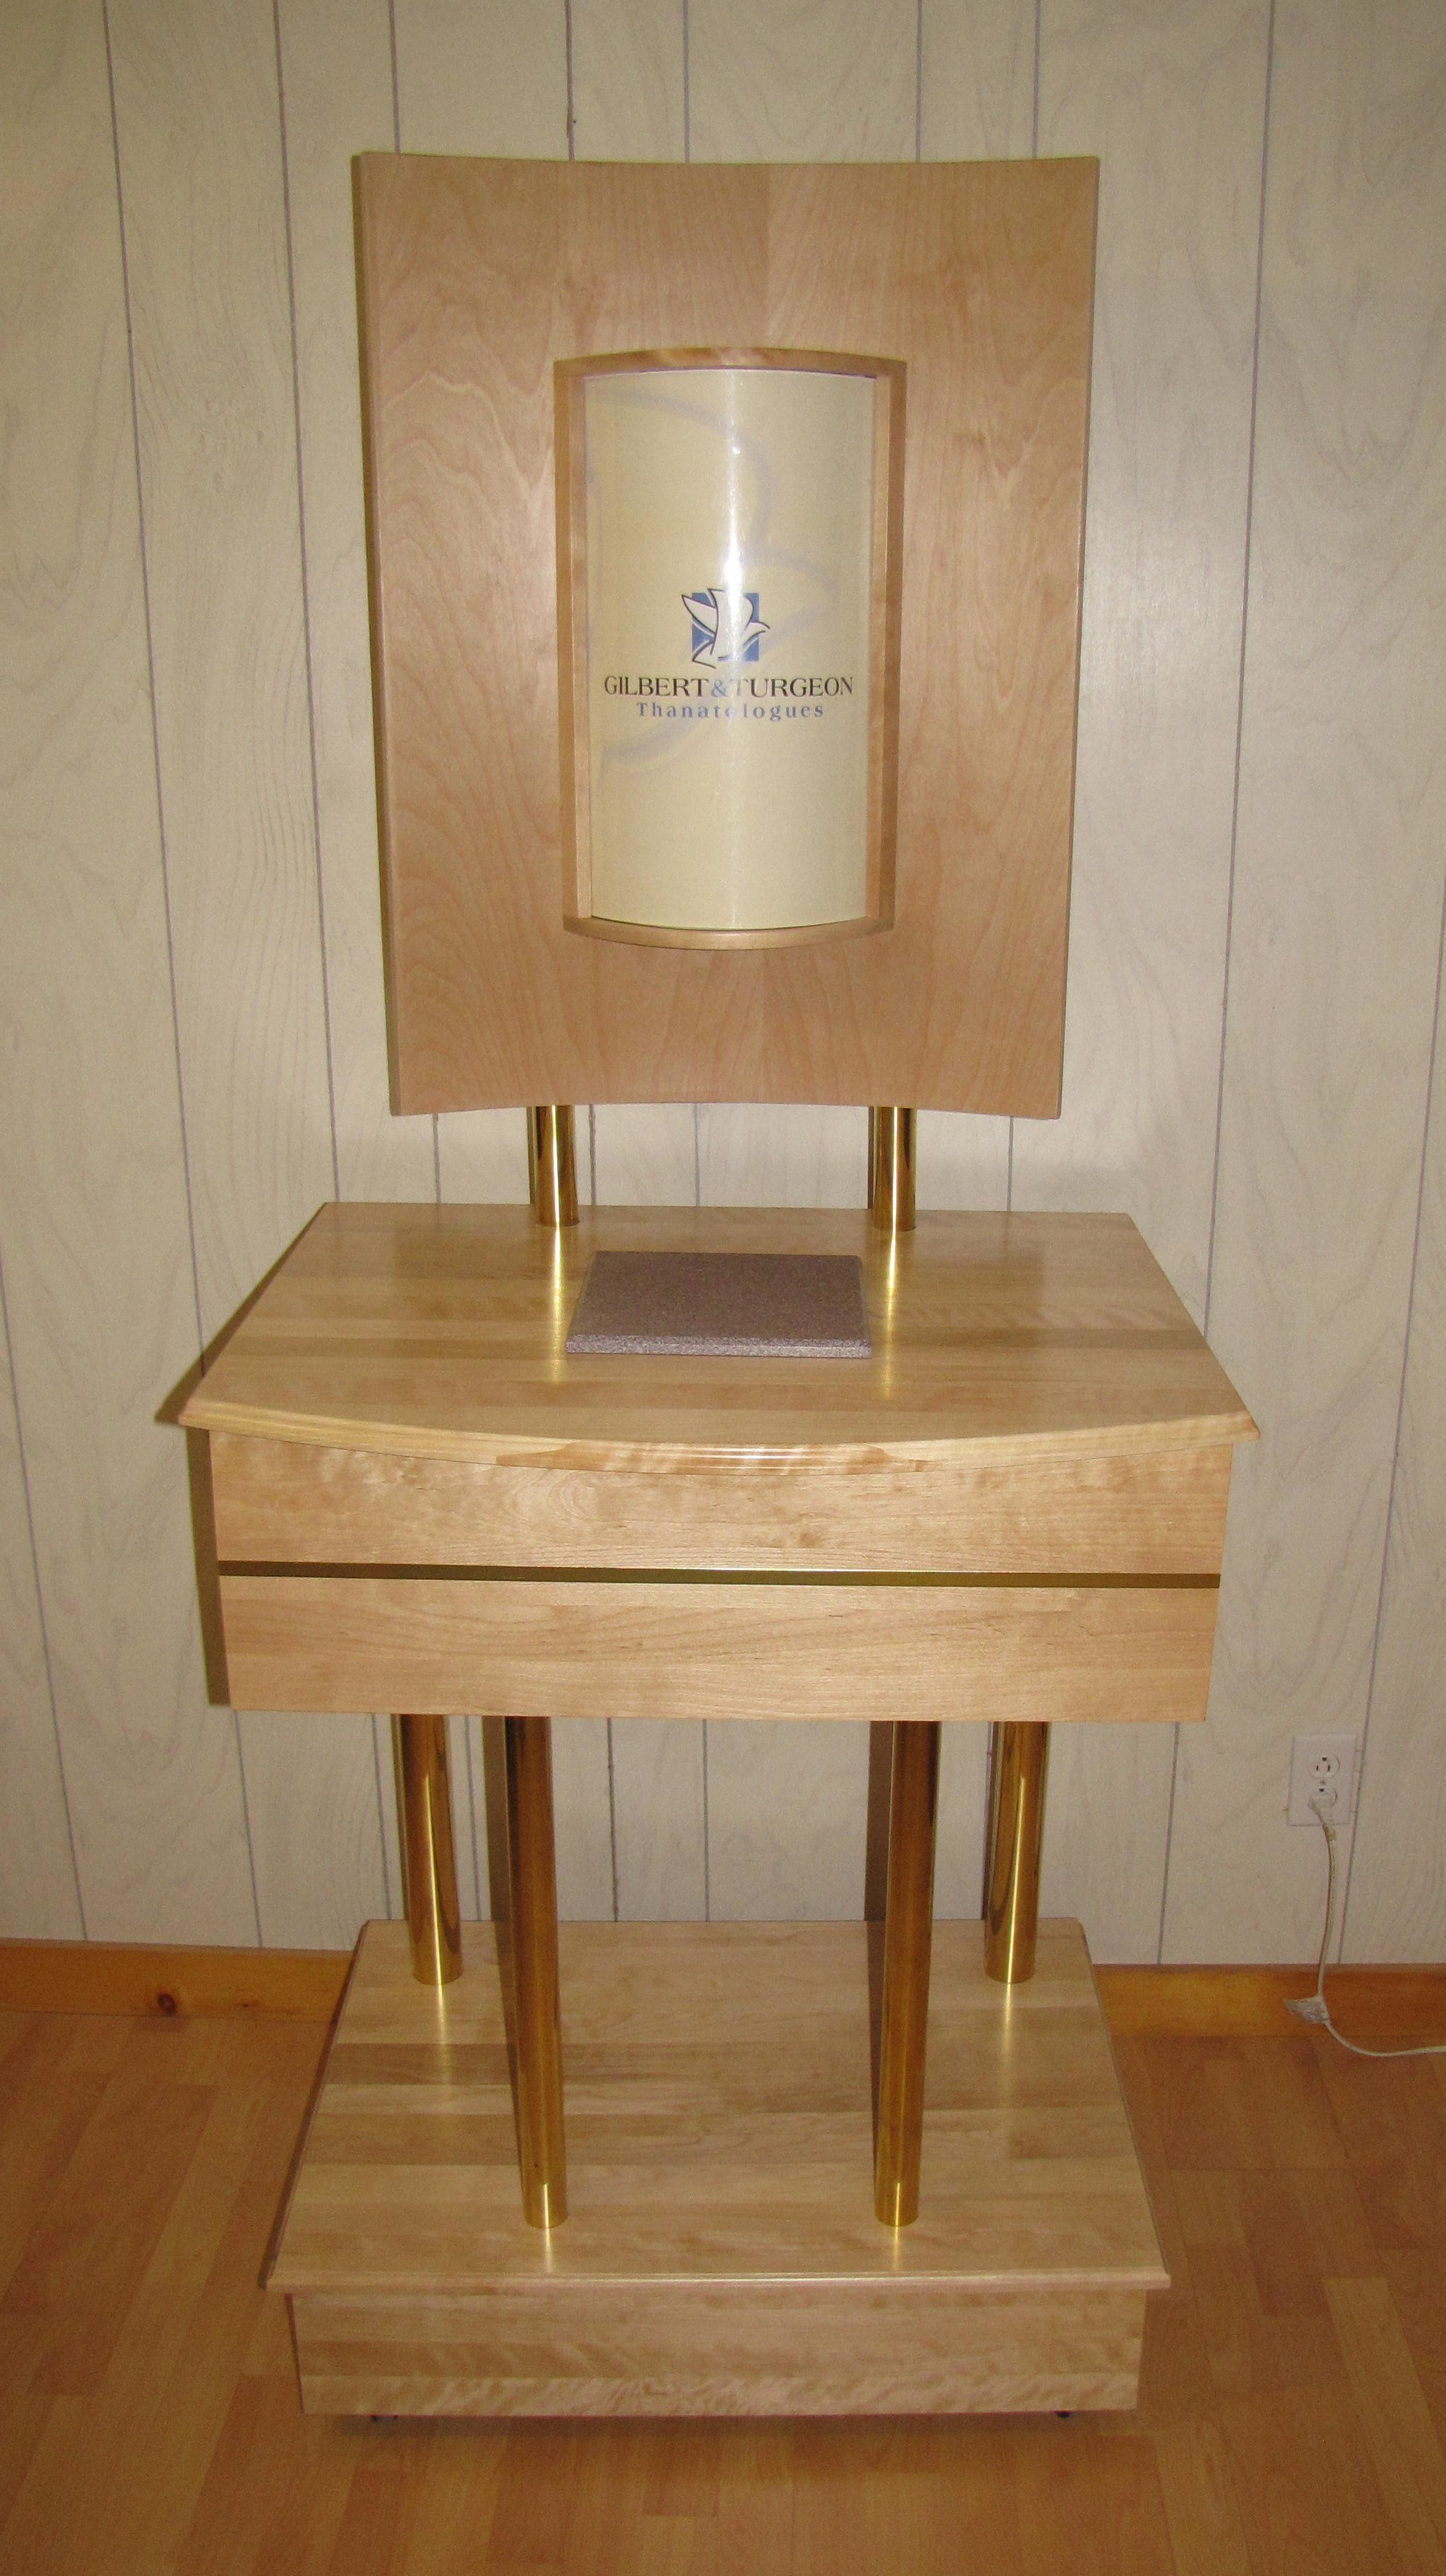 Meuble pour déposer une urne